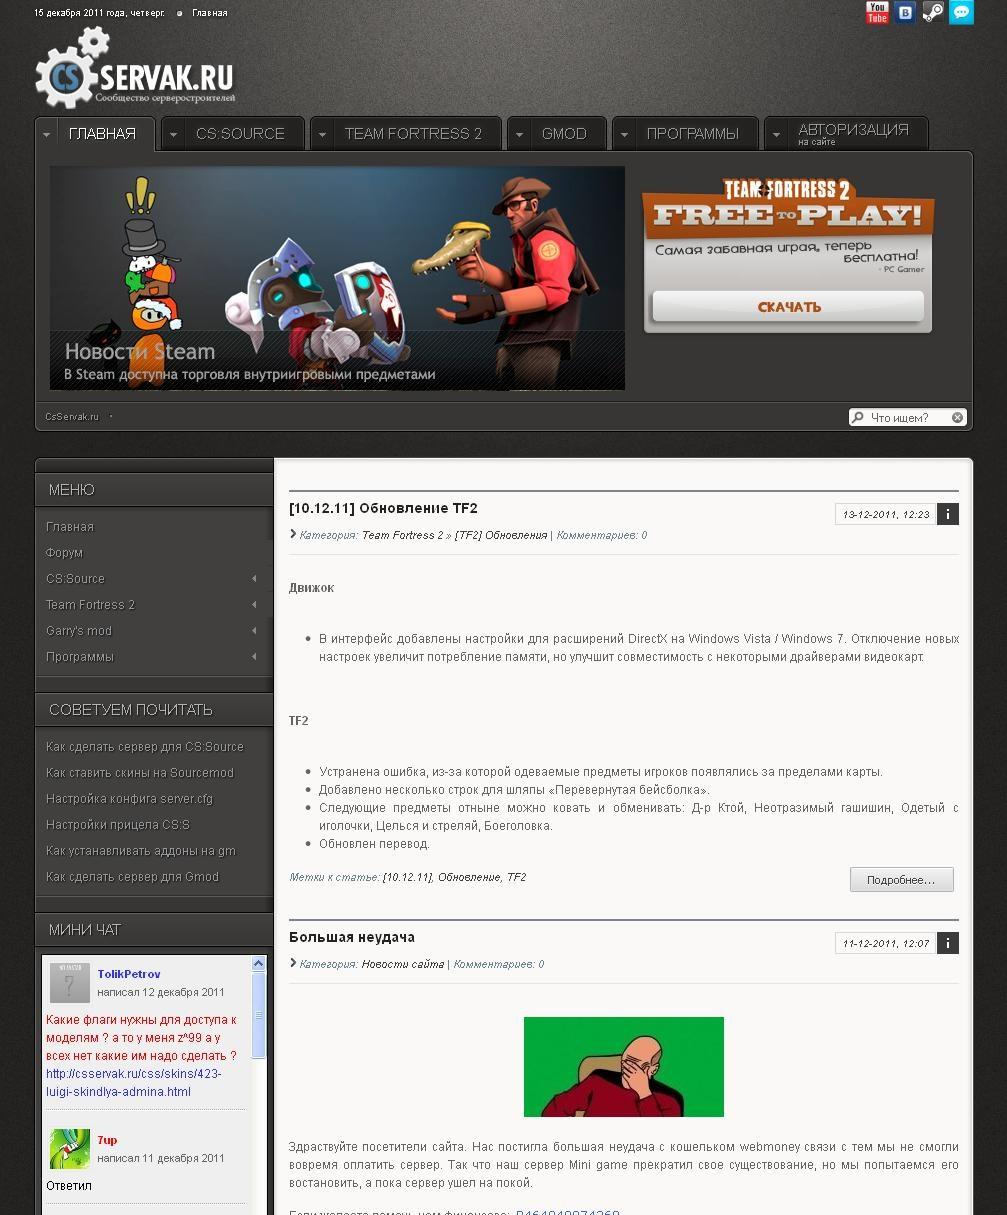 Как сделать сайт с оригинальным дизайном